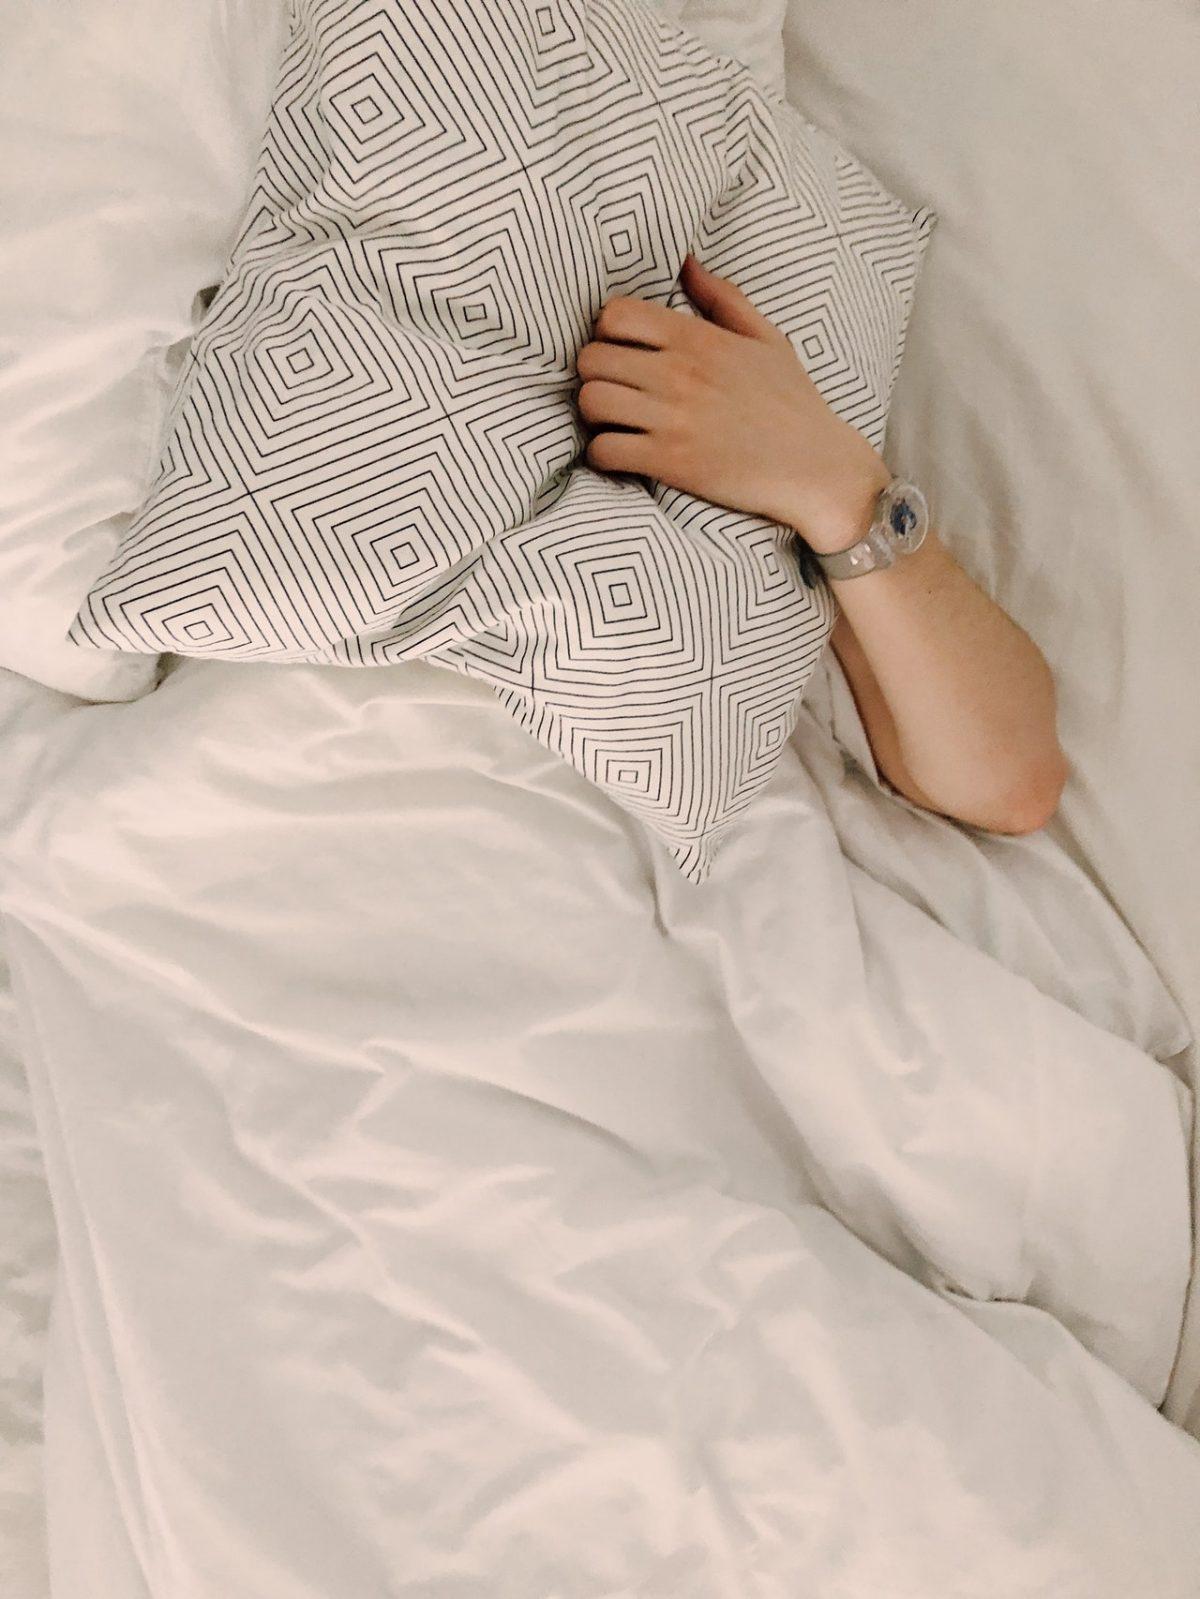 睡眠窒息症到底是一種什麼疾病?兒童睡眠窒息症測試的方法有哪些?